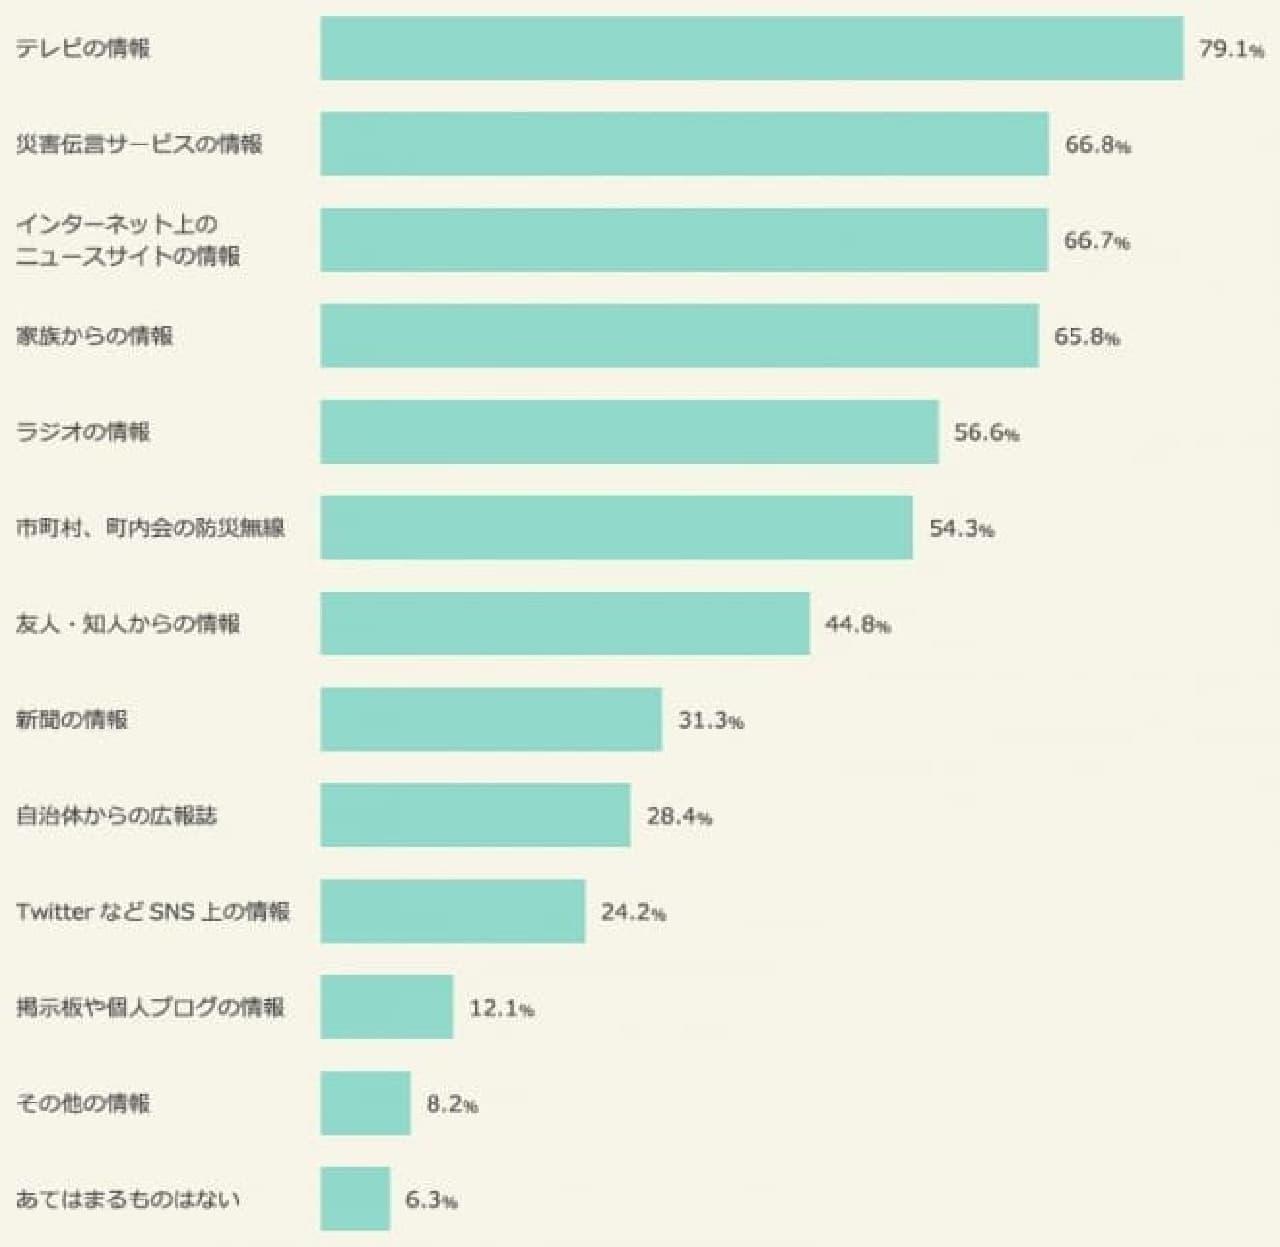 防災意識に関するグラフ